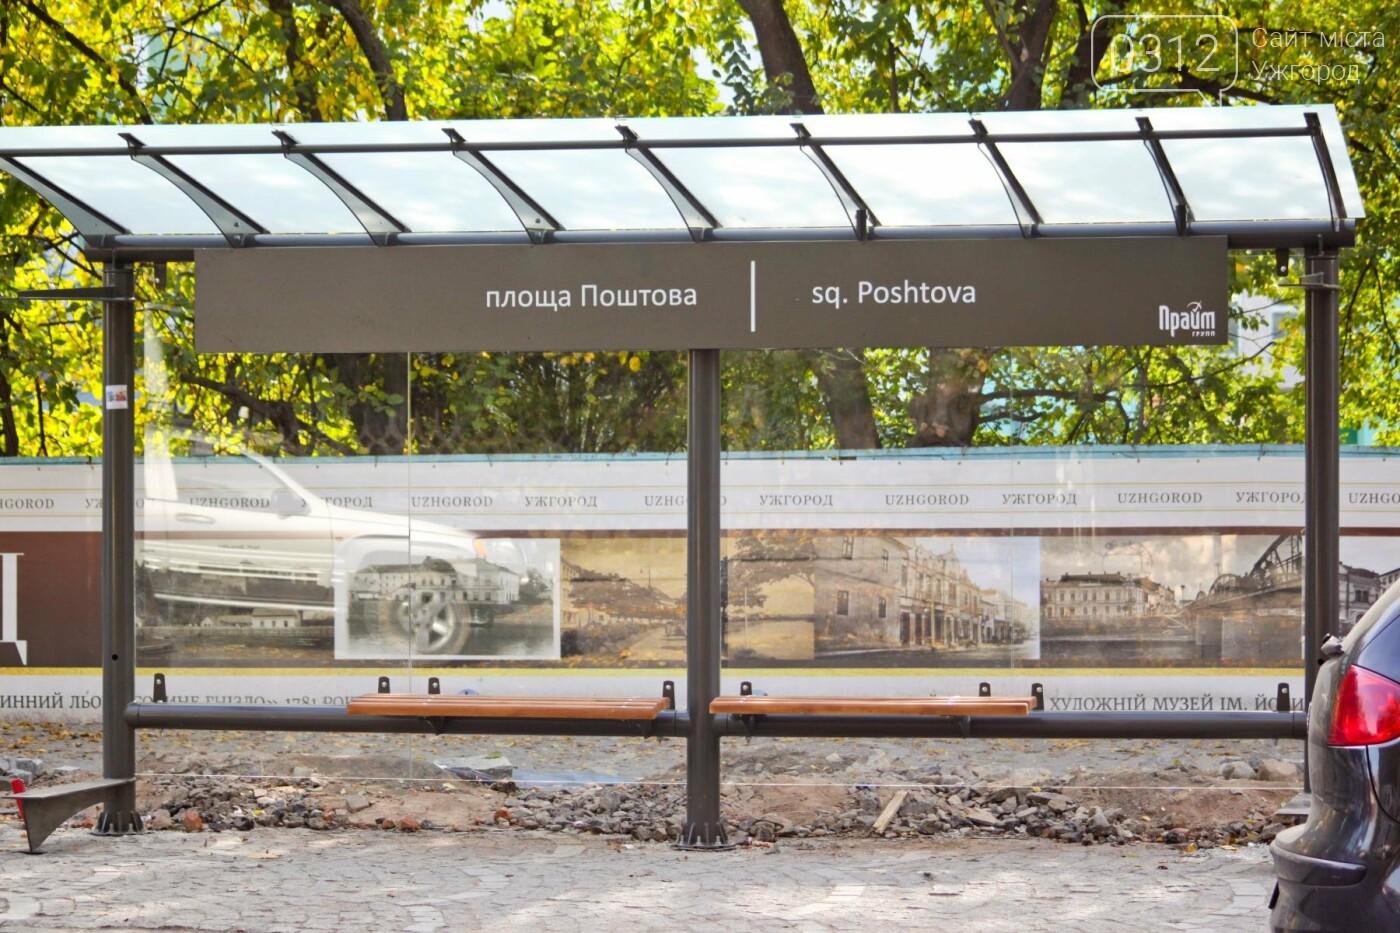 Антивандальне скло та відеоспостереження: чим дивуватимуть нові зупинки в Ужгороді? (ФОТОРЕПОРТАЖ), фото-18